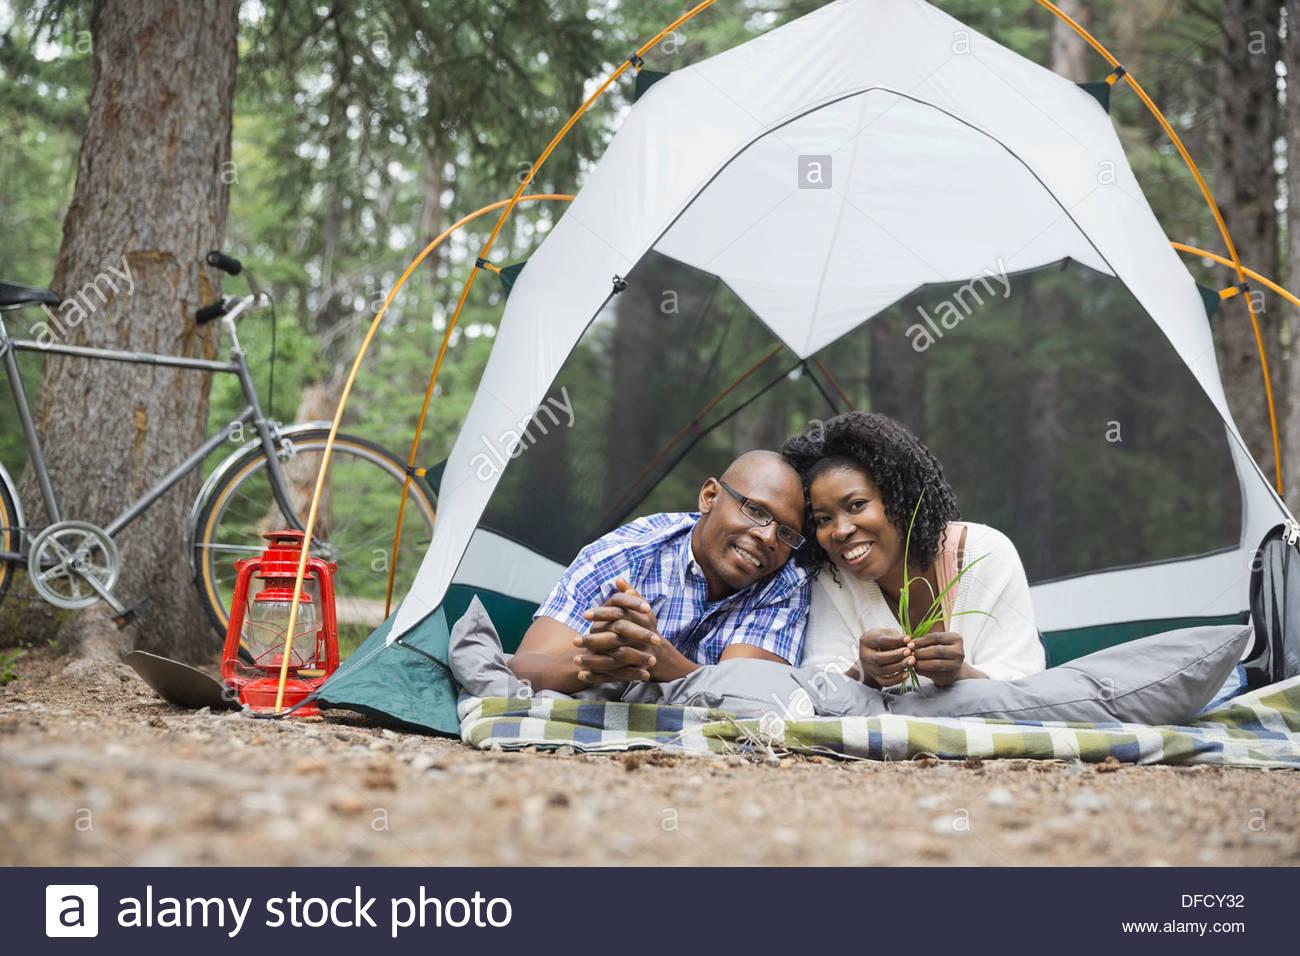 Retrato de pareja feliz tumbado en la tienda en el camping Imagen De Stock